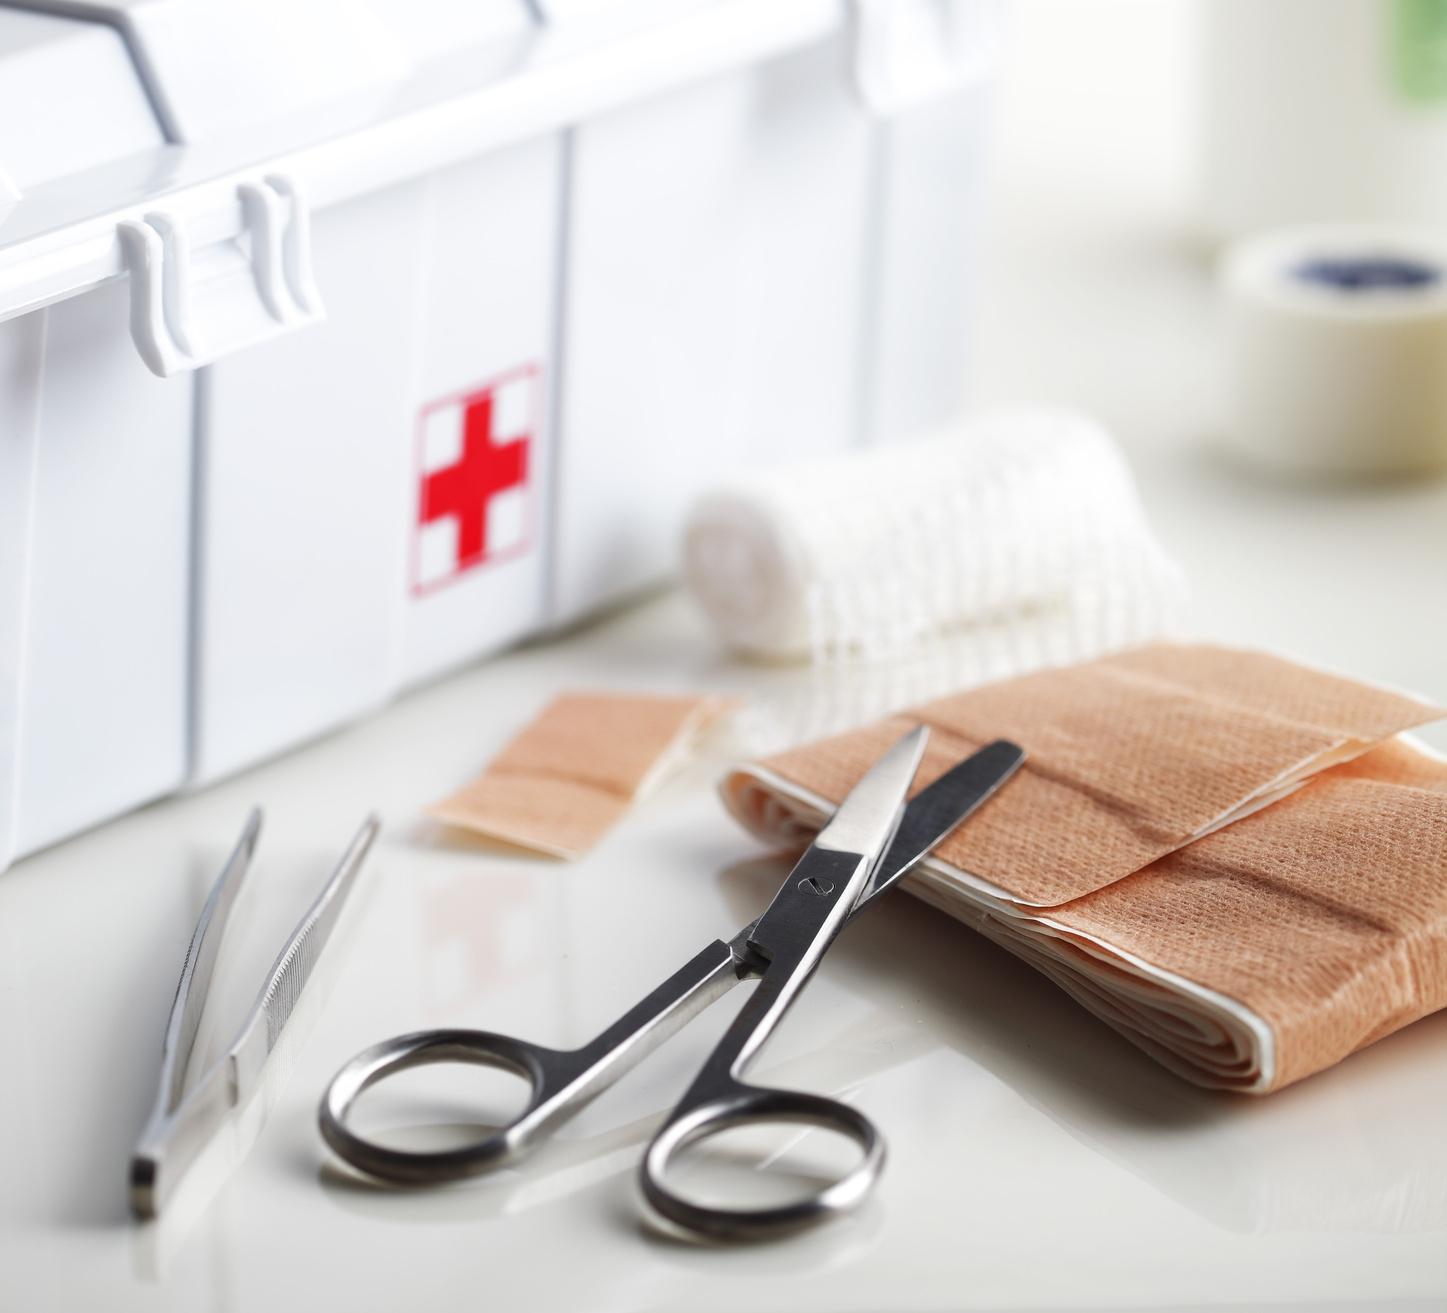 piccoli incidenti in casa: cosa tenere nella cassetta del pronto